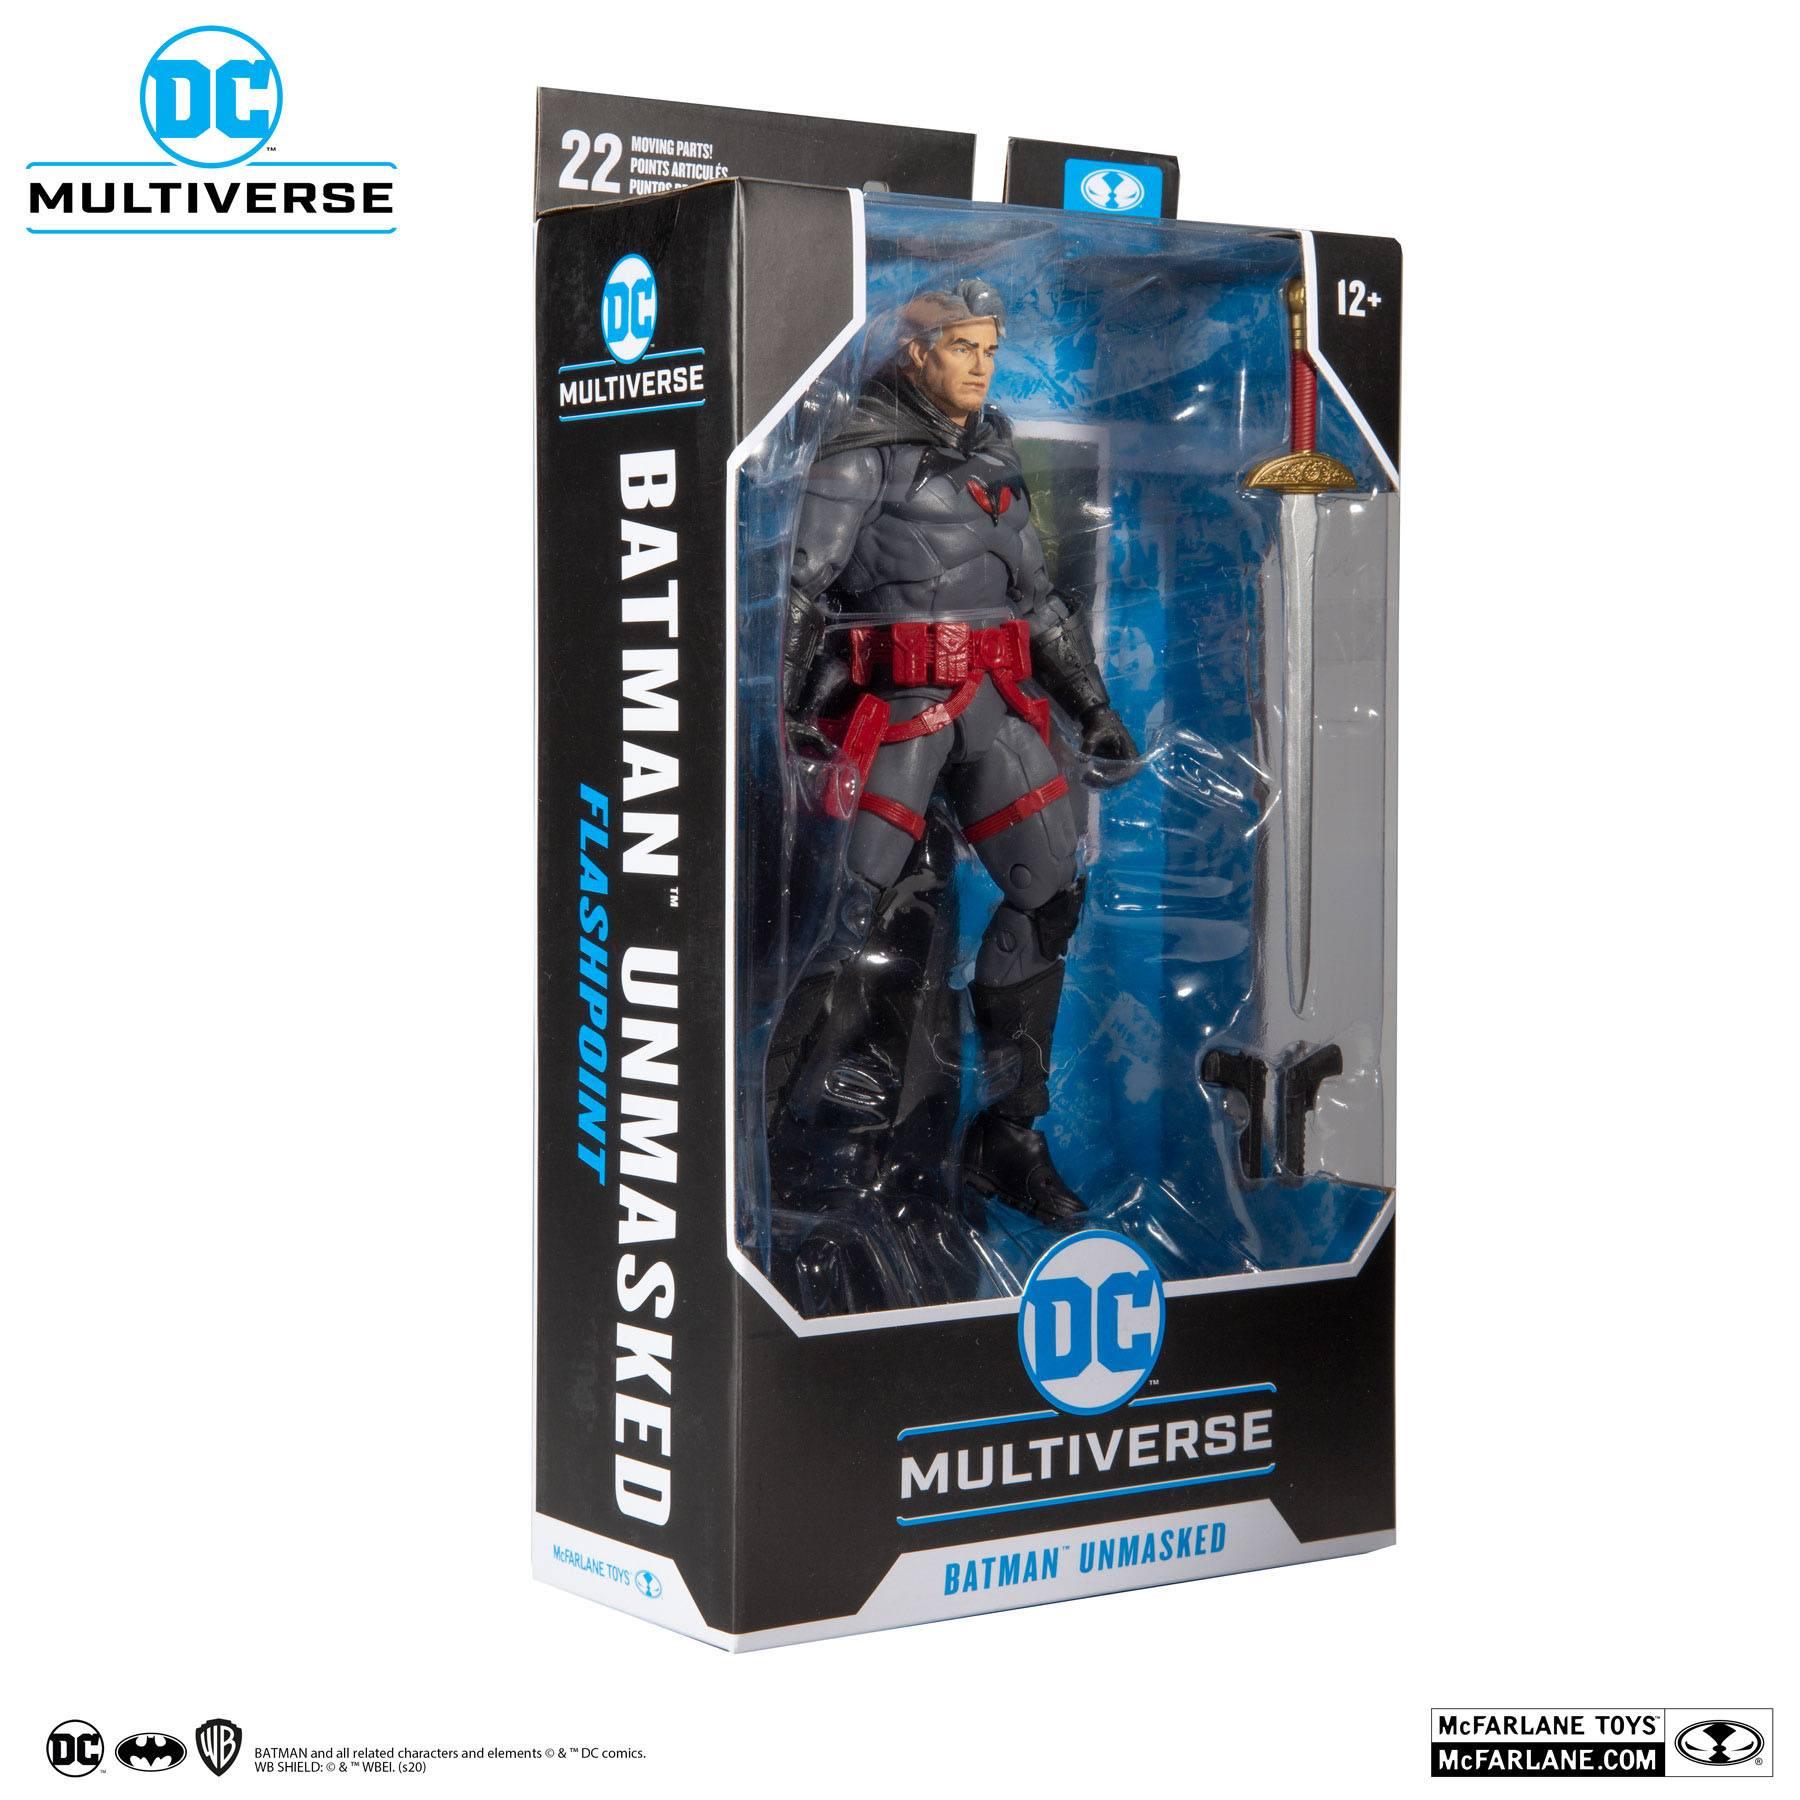 DC Multiverse Actionfigur Thomas Wayne Flashpoint Batman (Unmasked) 18 cm MCF15018-6 787926150186